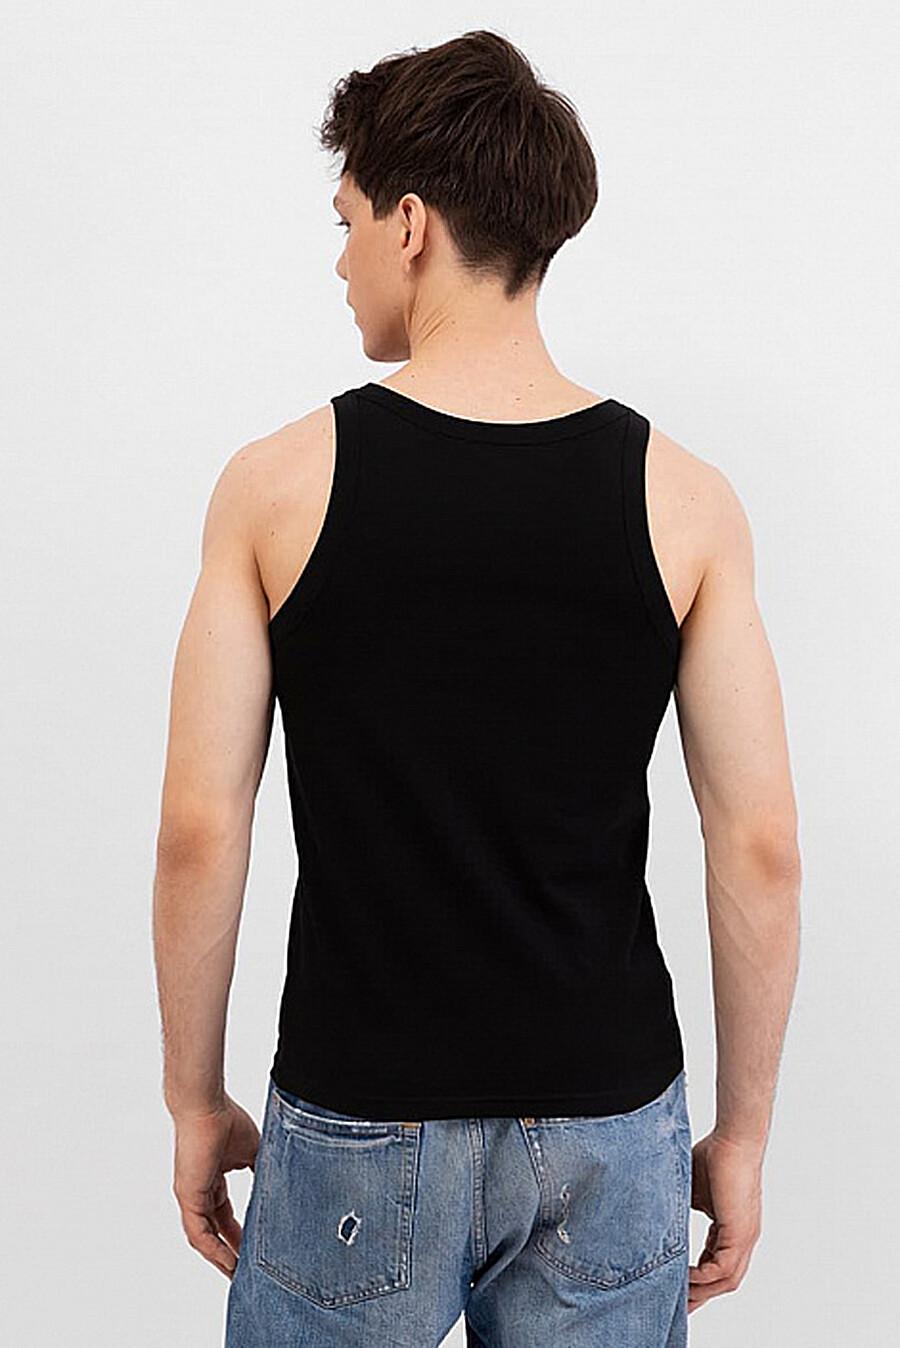 Майка для мужчин MARK FORMELLE 218289 купить оптом от производителя. Совместная покупка мужской одежды в OptMoyo